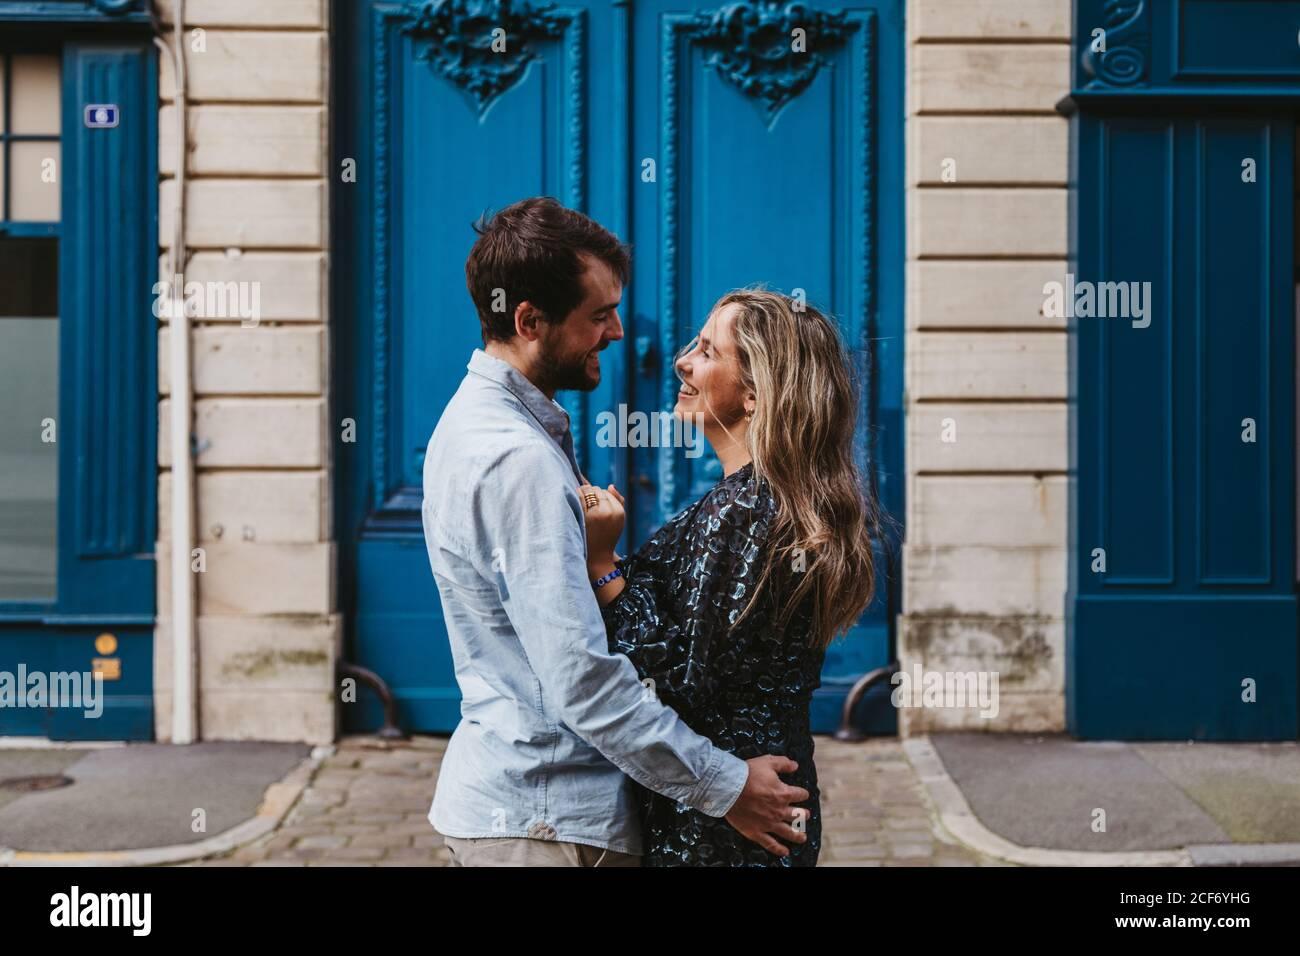 Vue latérale d'un jeune couple heureux dans des vêtements décontractés qui s'embrasent se regardant l'un contre l'autre en se tenant contre un bâtiment en pierre vieilli avec portes bleues sur la rue de la ville Banque D'Images